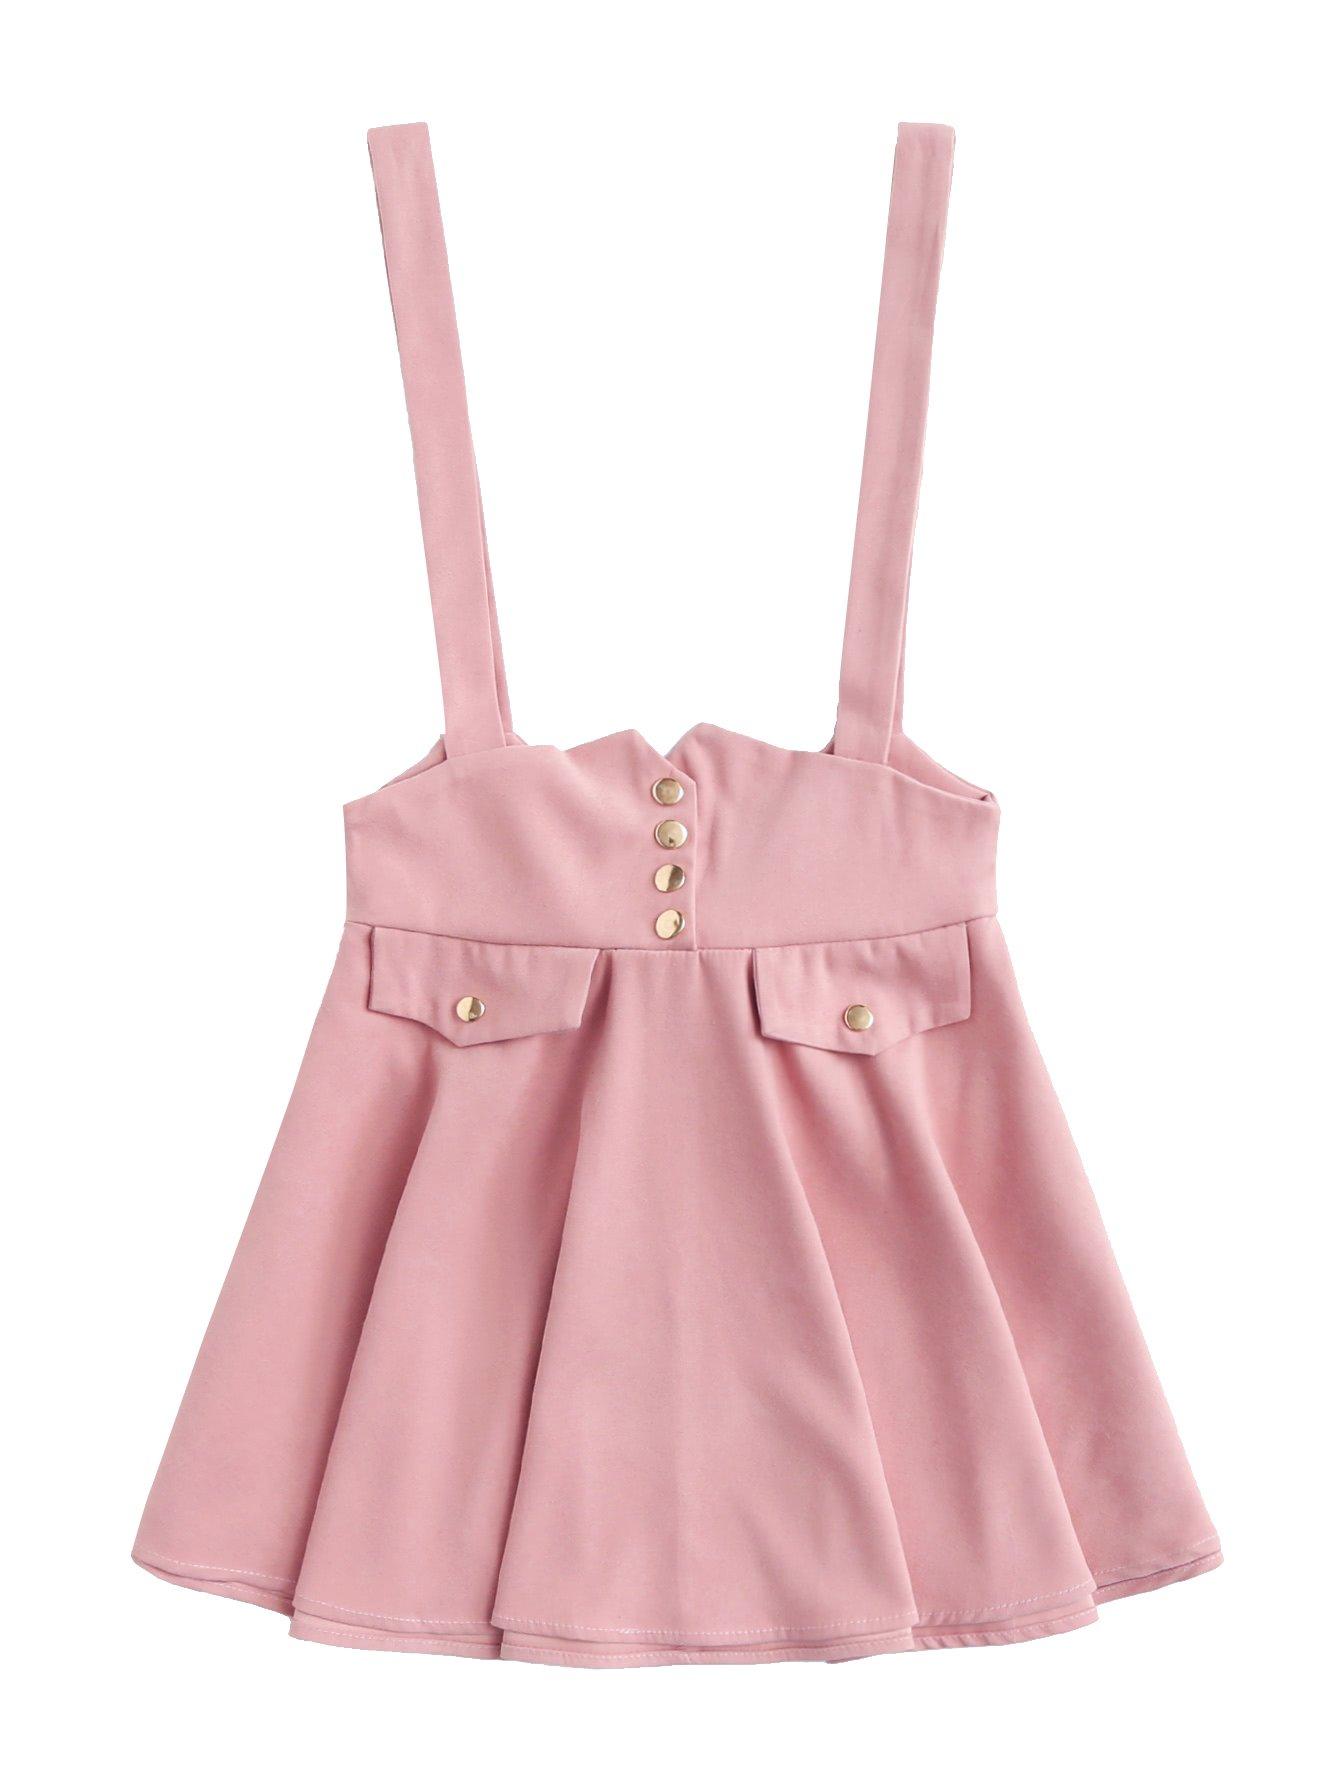 MakeMeChic Women's Button Up Summer High Waist Suspender Skirt Pink L